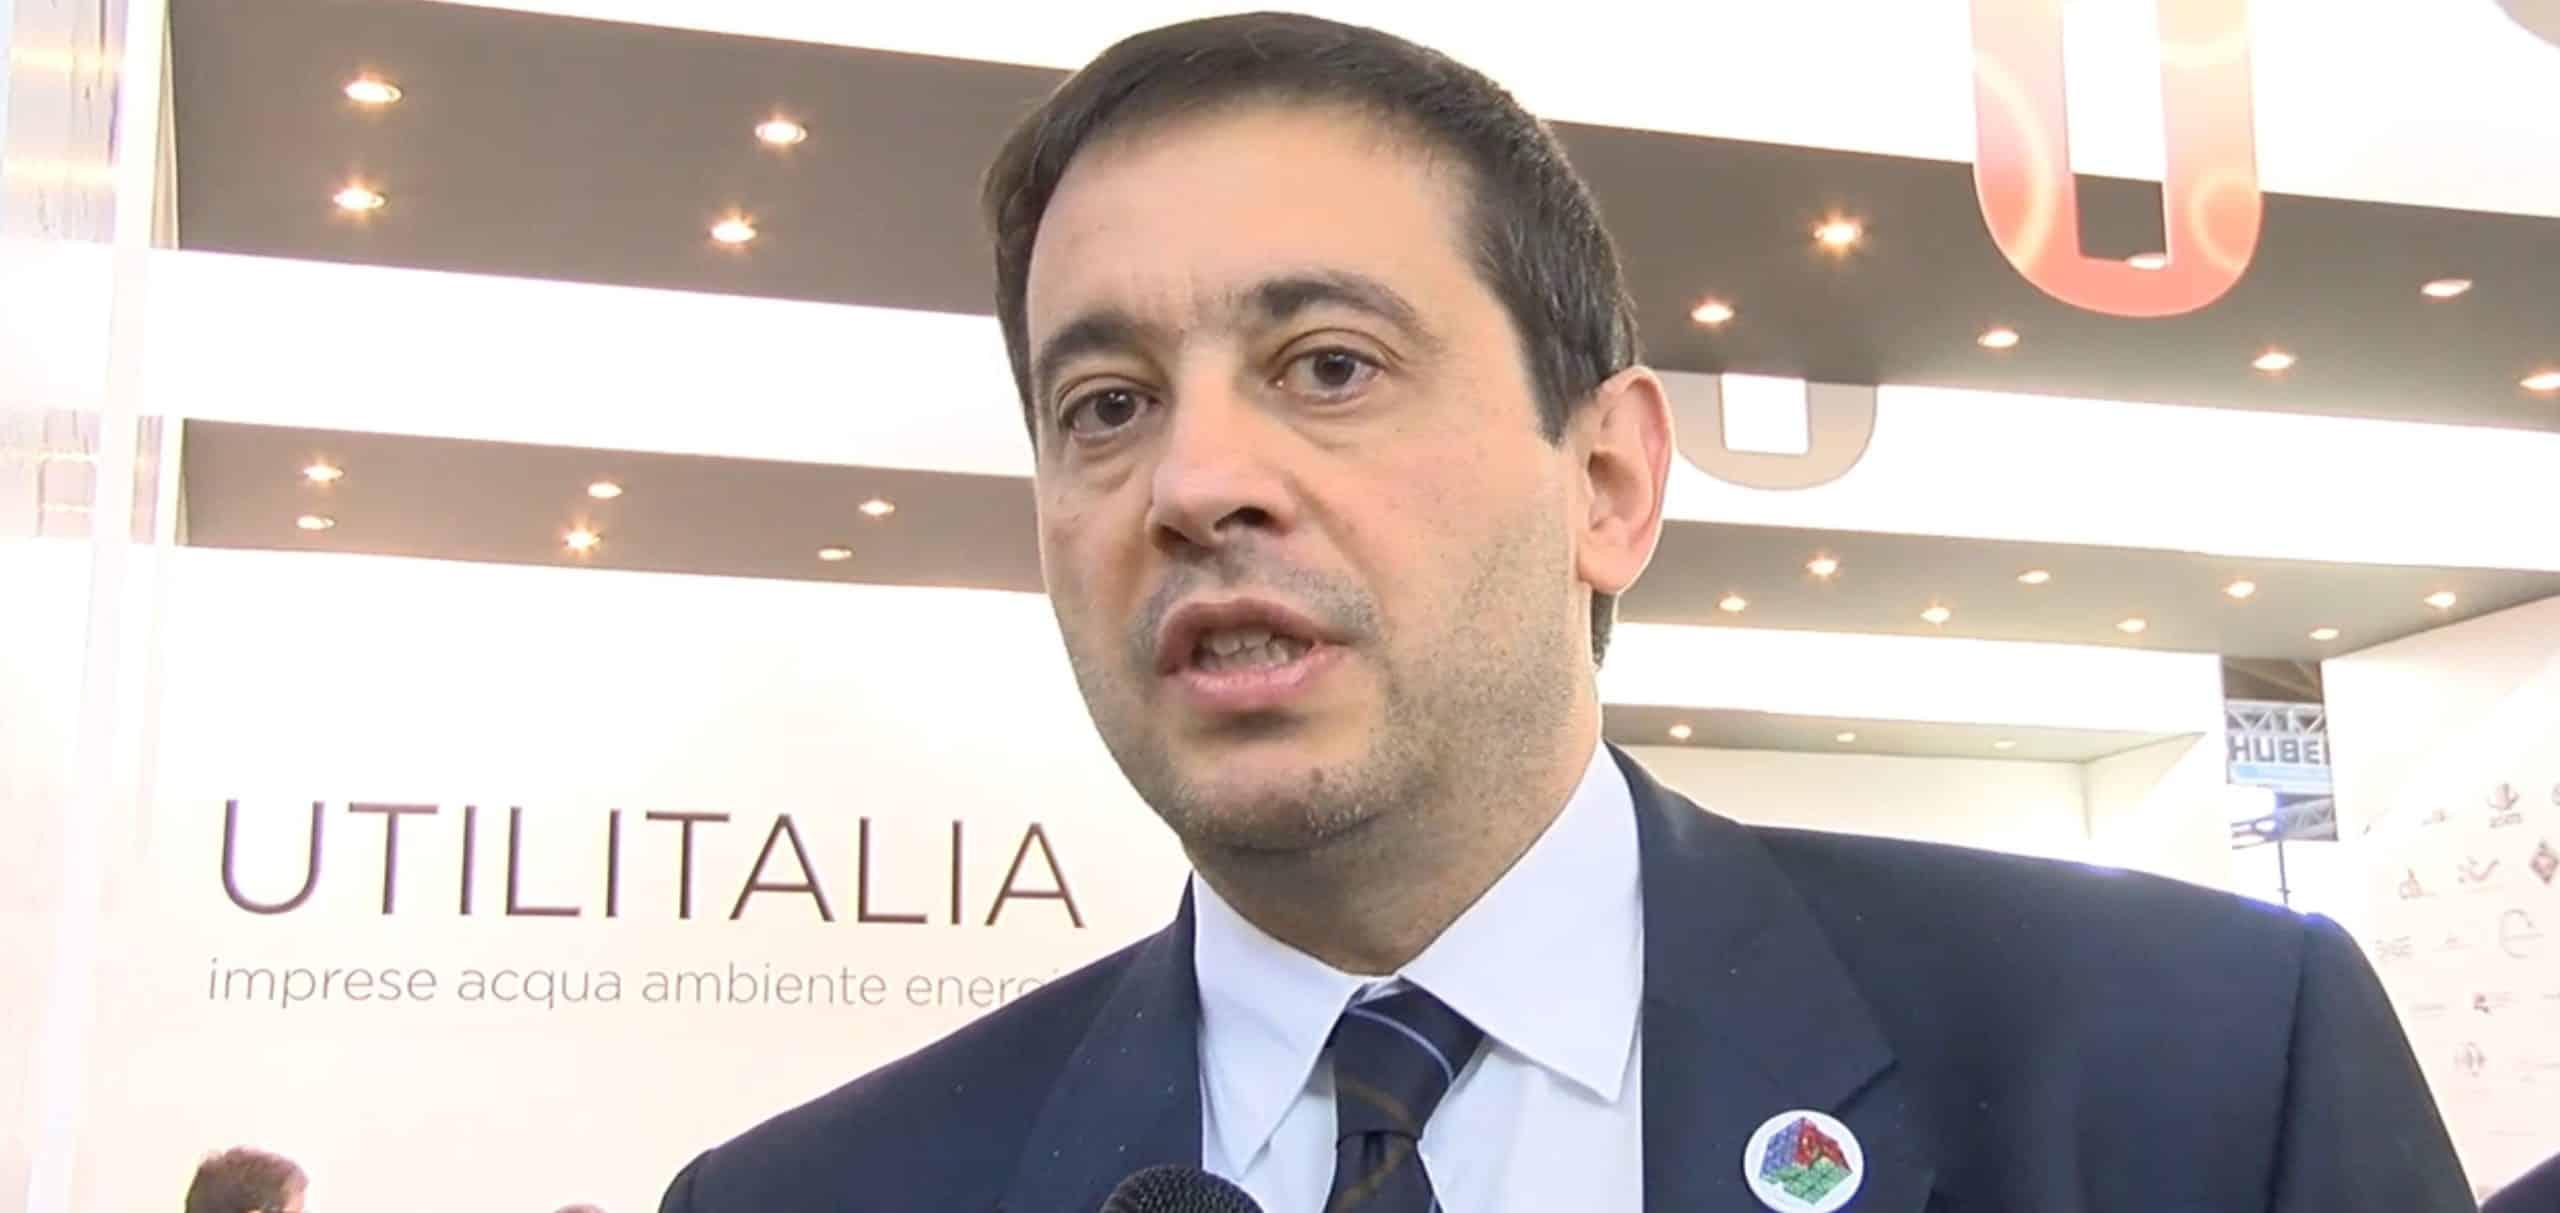 Filippo Brandolini